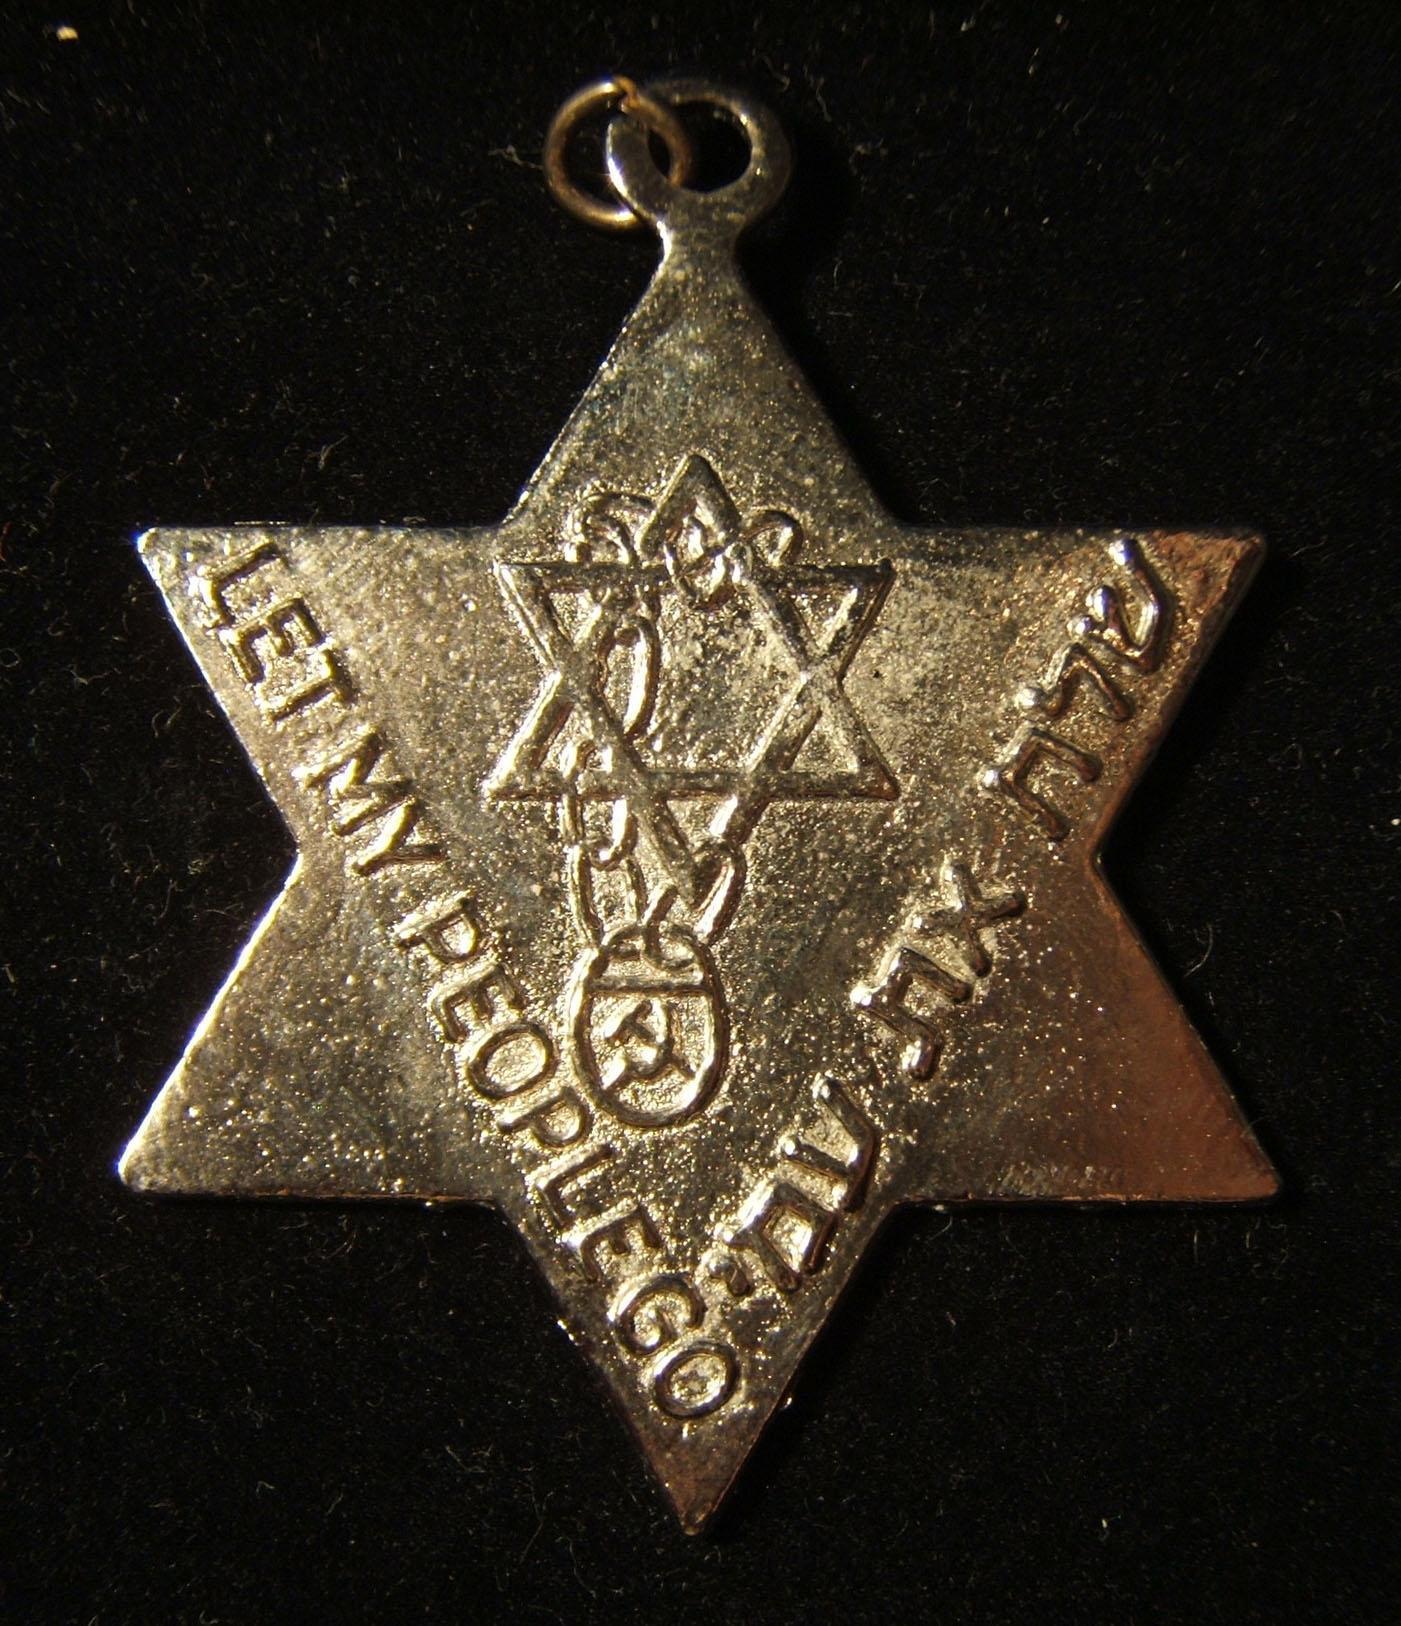 אסיר המצפון היהודי, מצודת רפוסניק, המנציח את בוריס פנסון